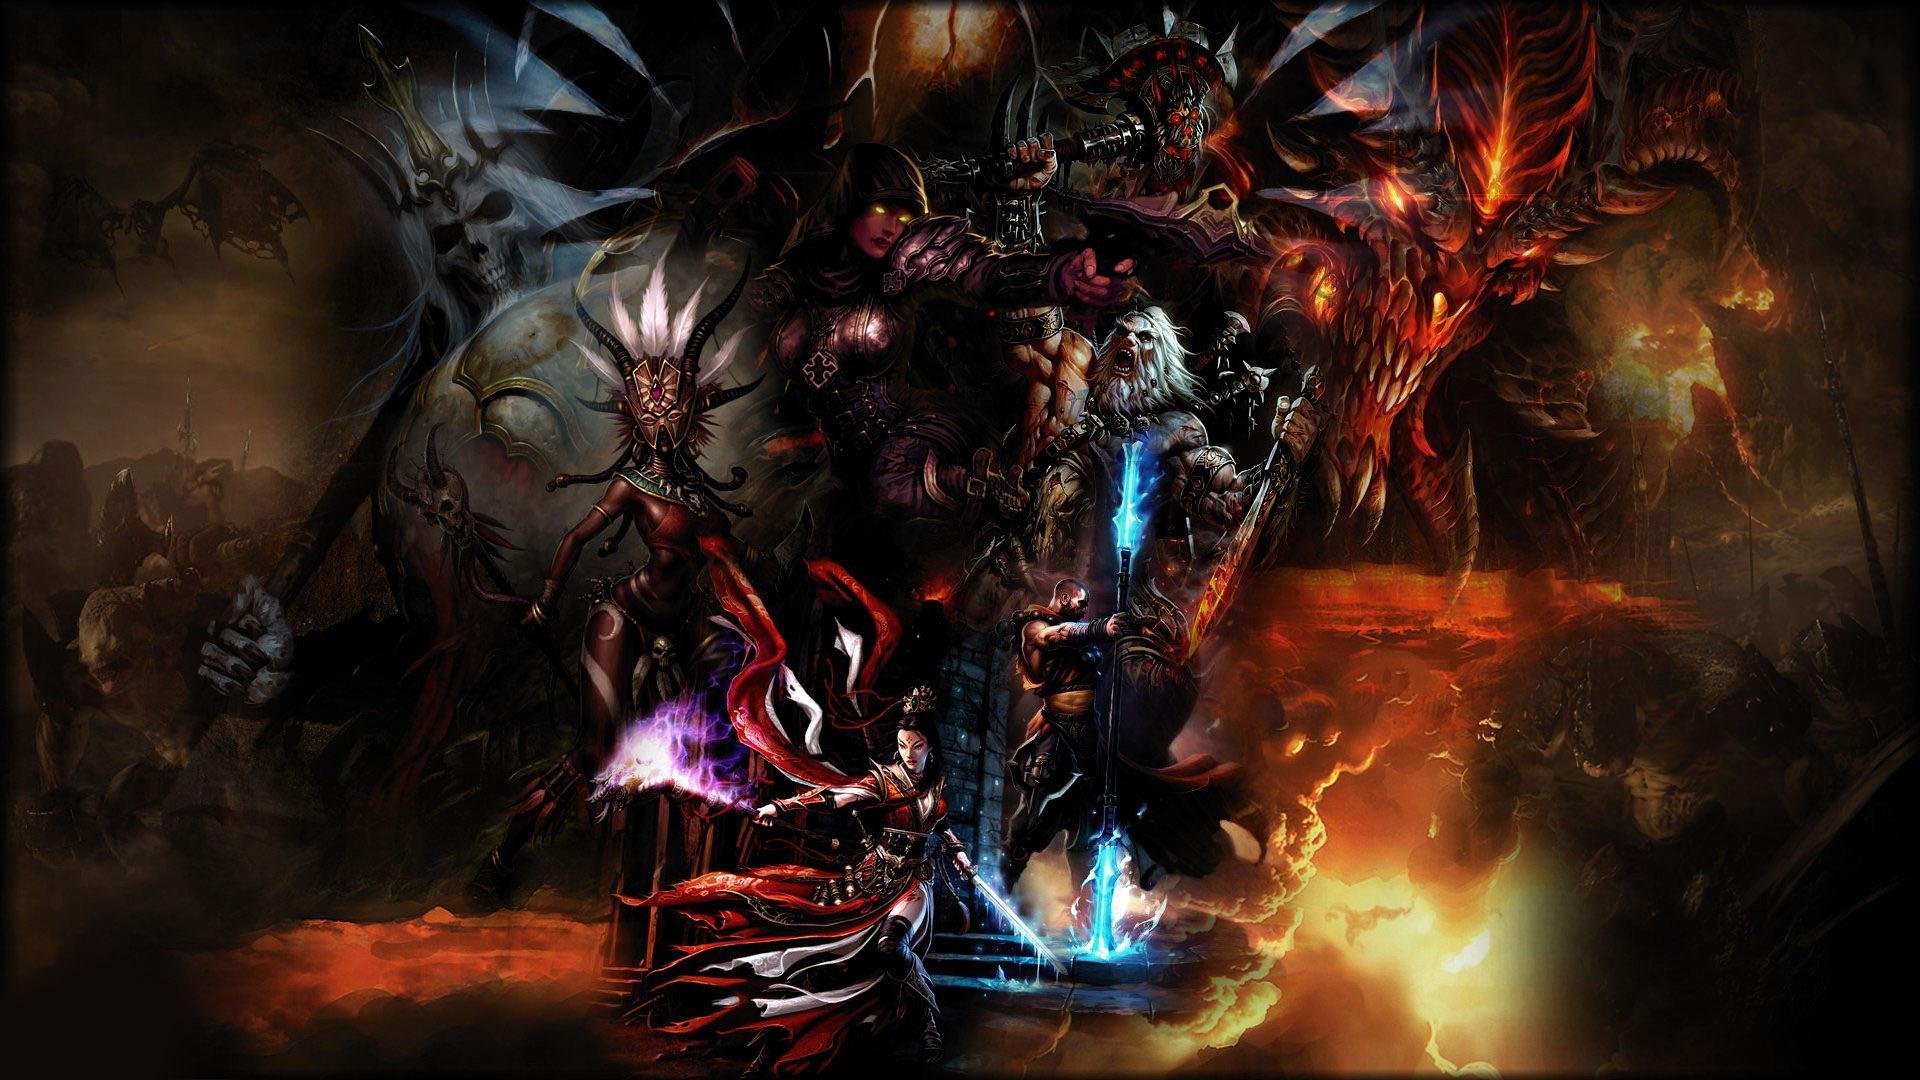 Diablo 3 Wallpapers Hd Wallpapersafari